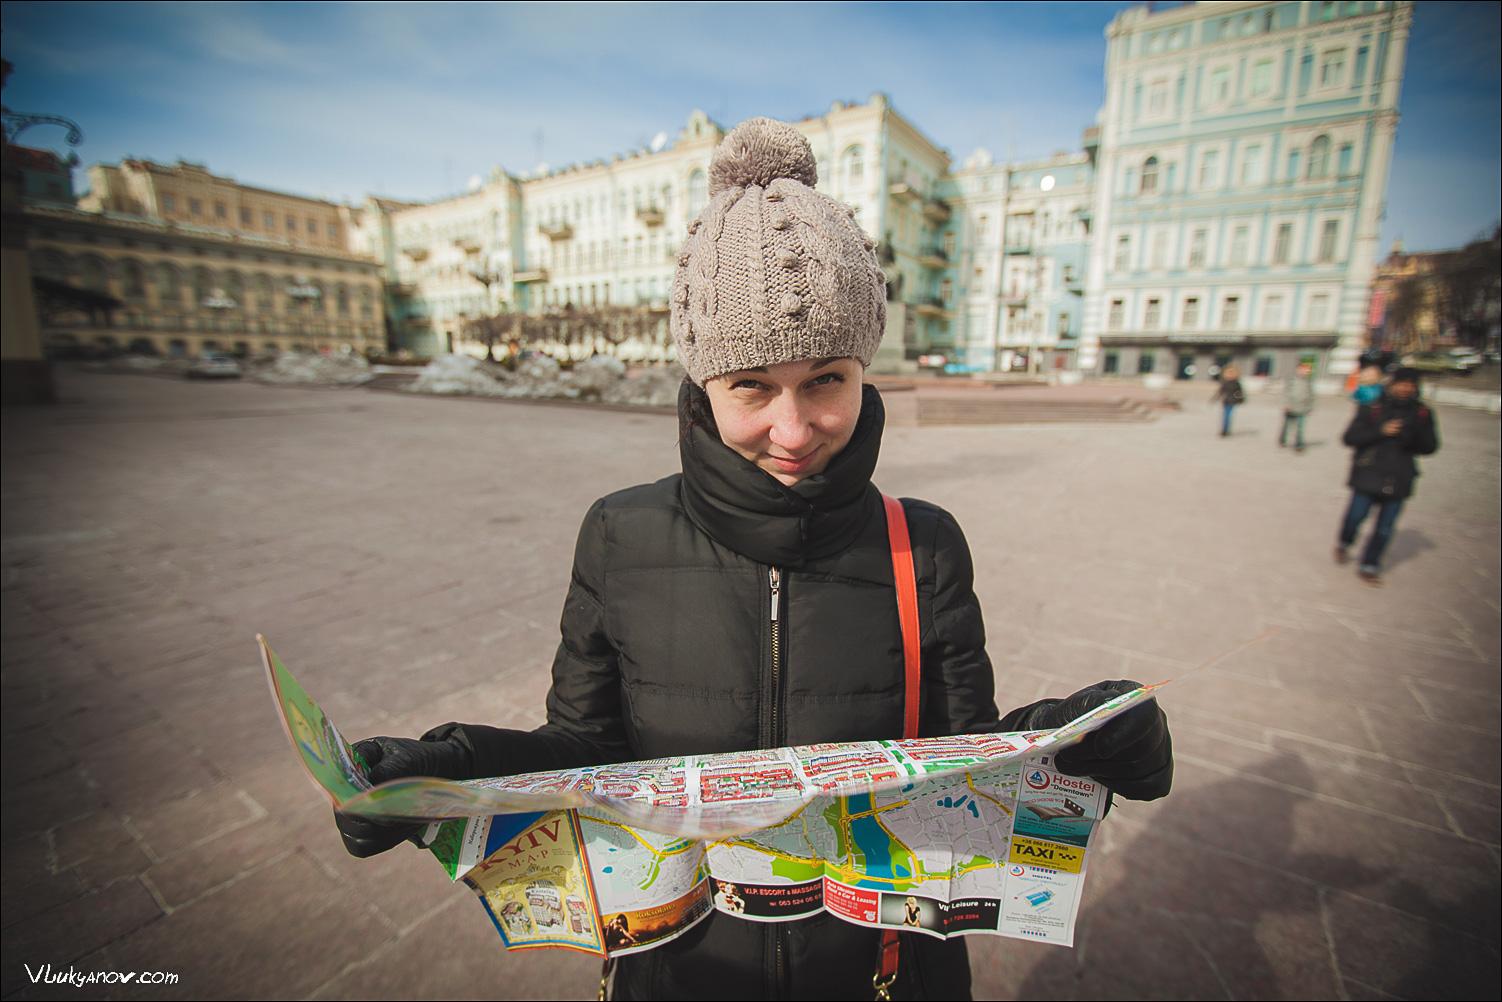 Фотограф, Москва, Владимир Лукьянов, Украина, Киев,